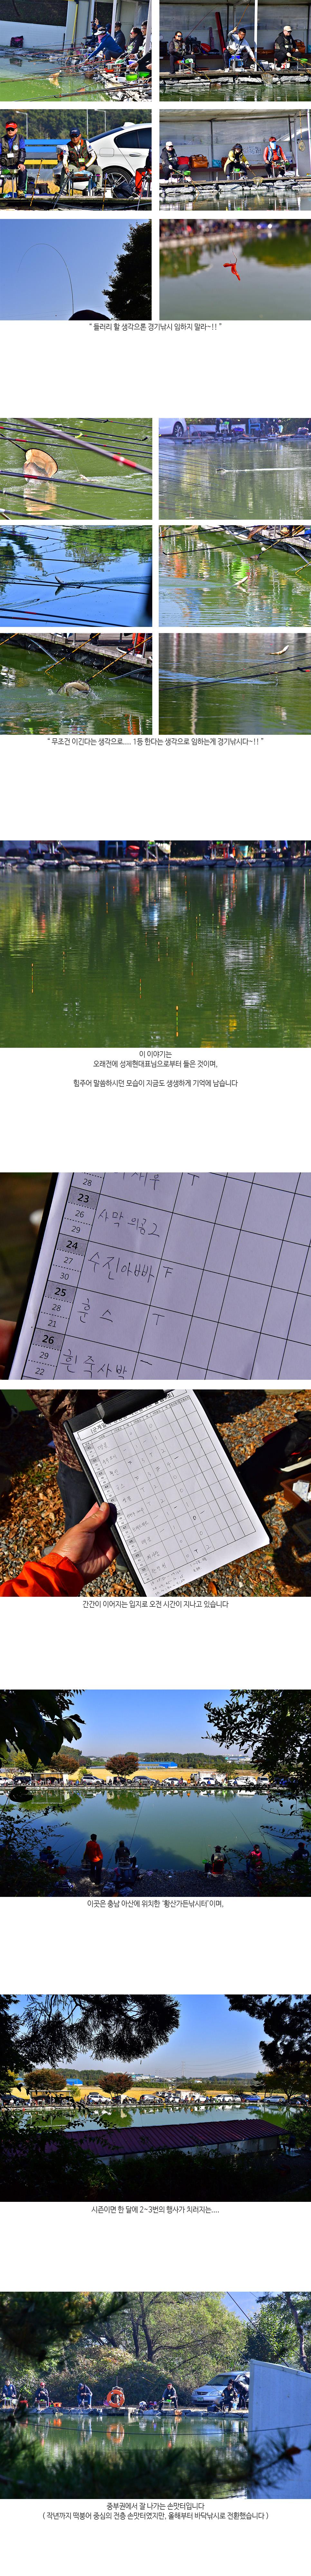 2018 군계일학 왕중왕전 - 04.jpg